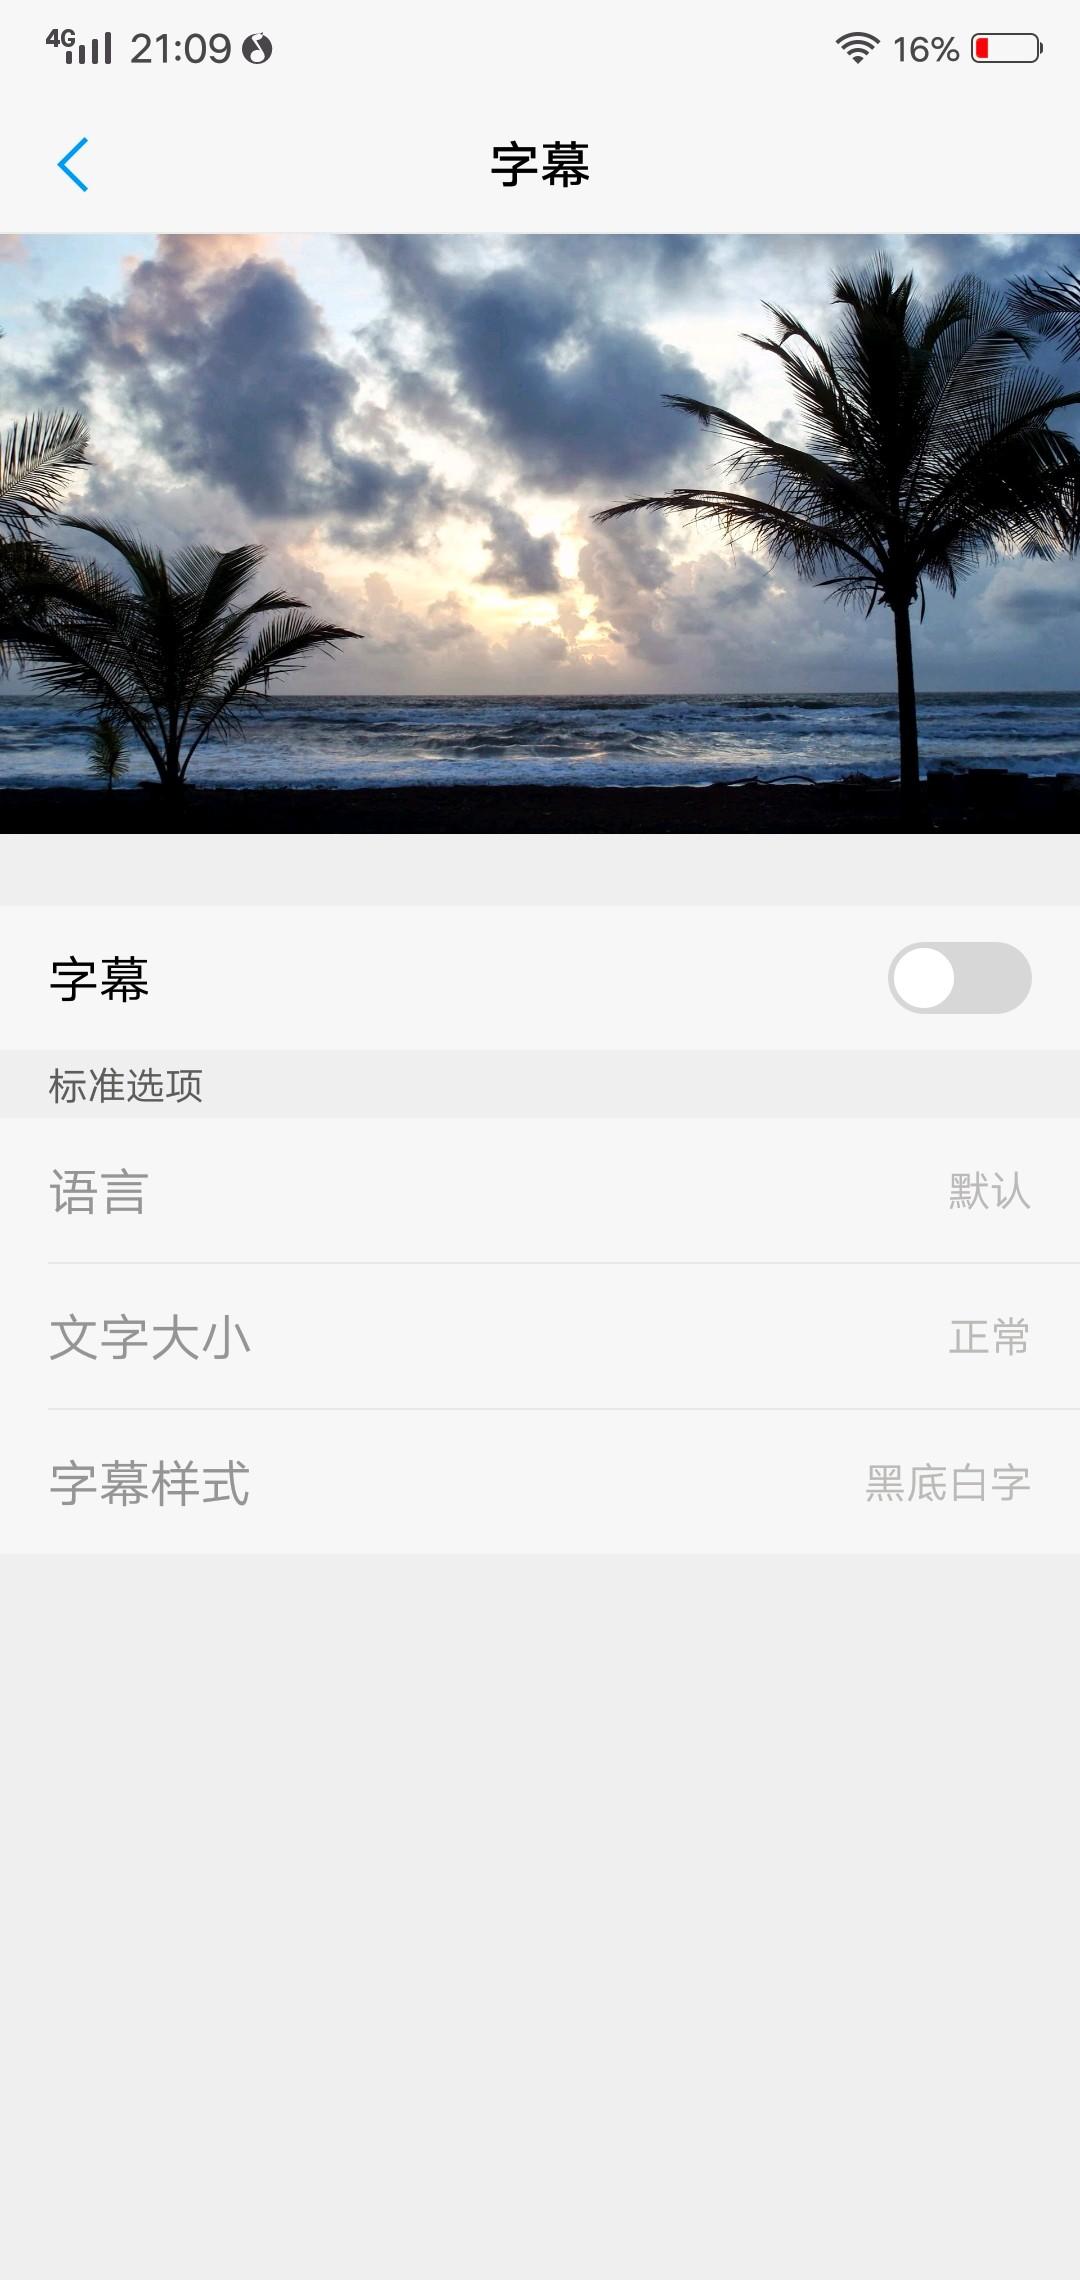 Screenshot_20180519_210926.jpg